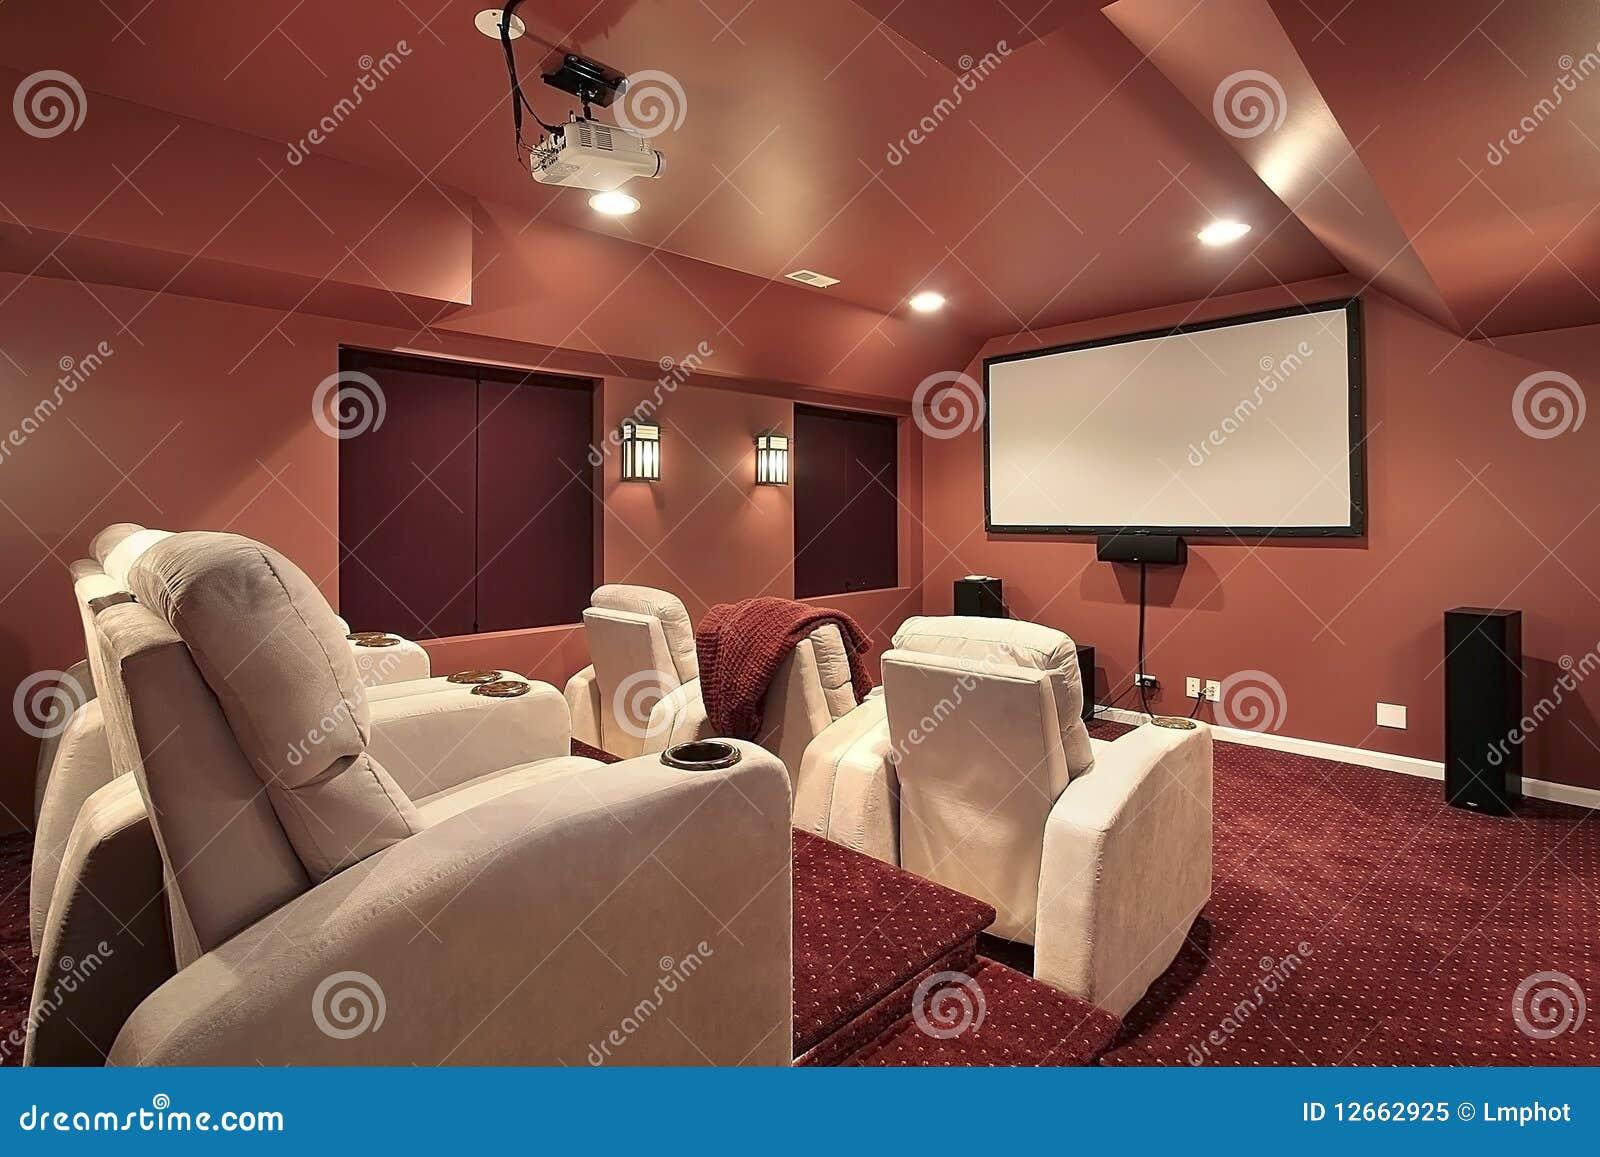 Lampadario murano moderno for Blog decorazione interni